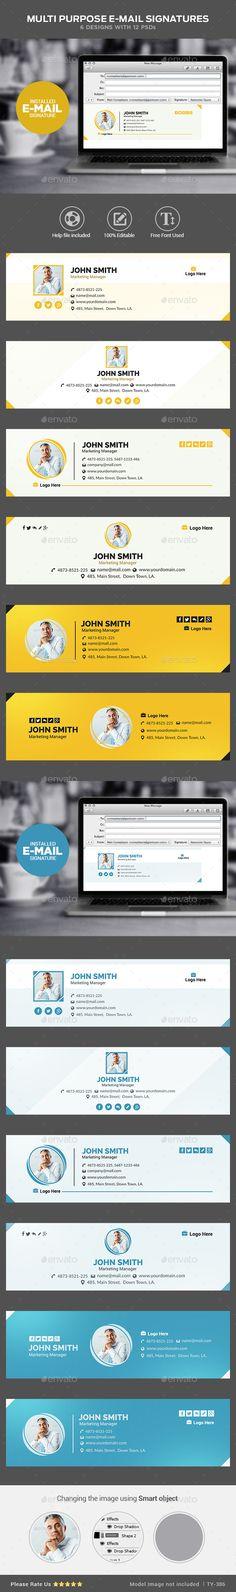 Multi Purpose Email Signature Templates